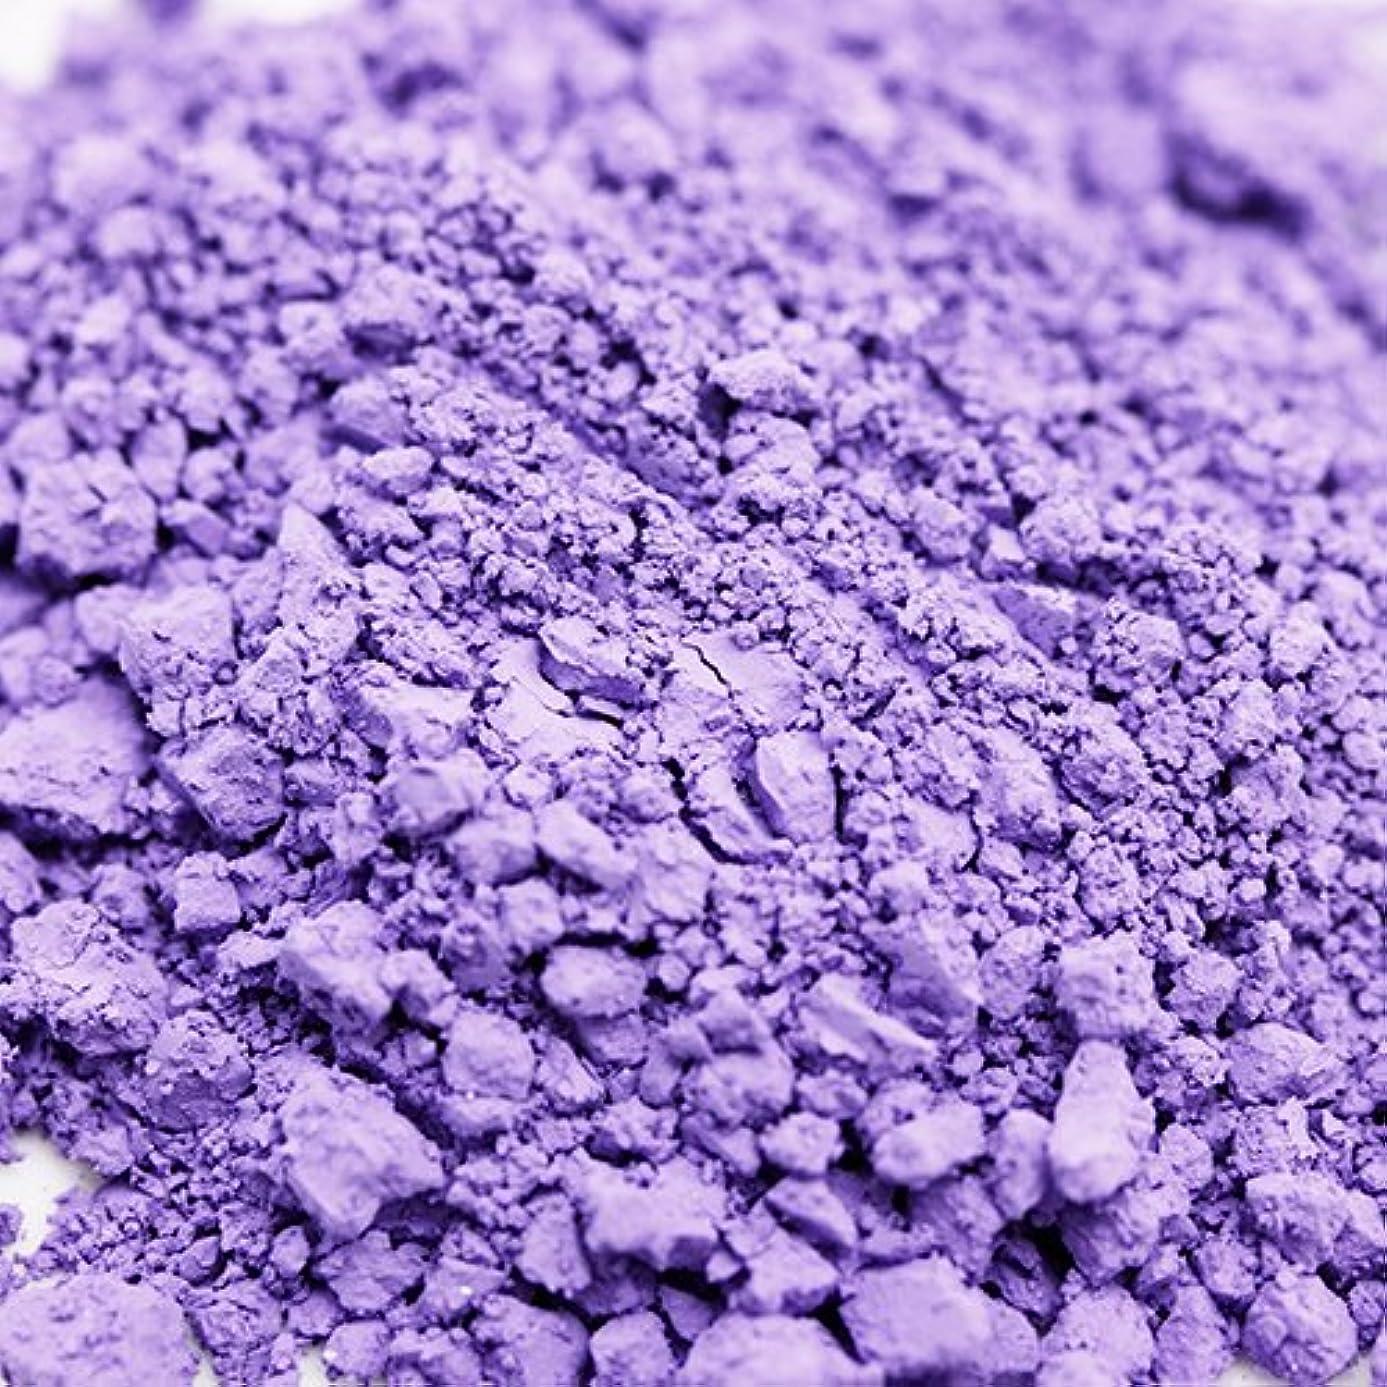 相互接続排泄物宣言ウルトラマリン バイオレット 5g 【手作り石鹸/手作りコスメ/色付け/カラーラント/紫】